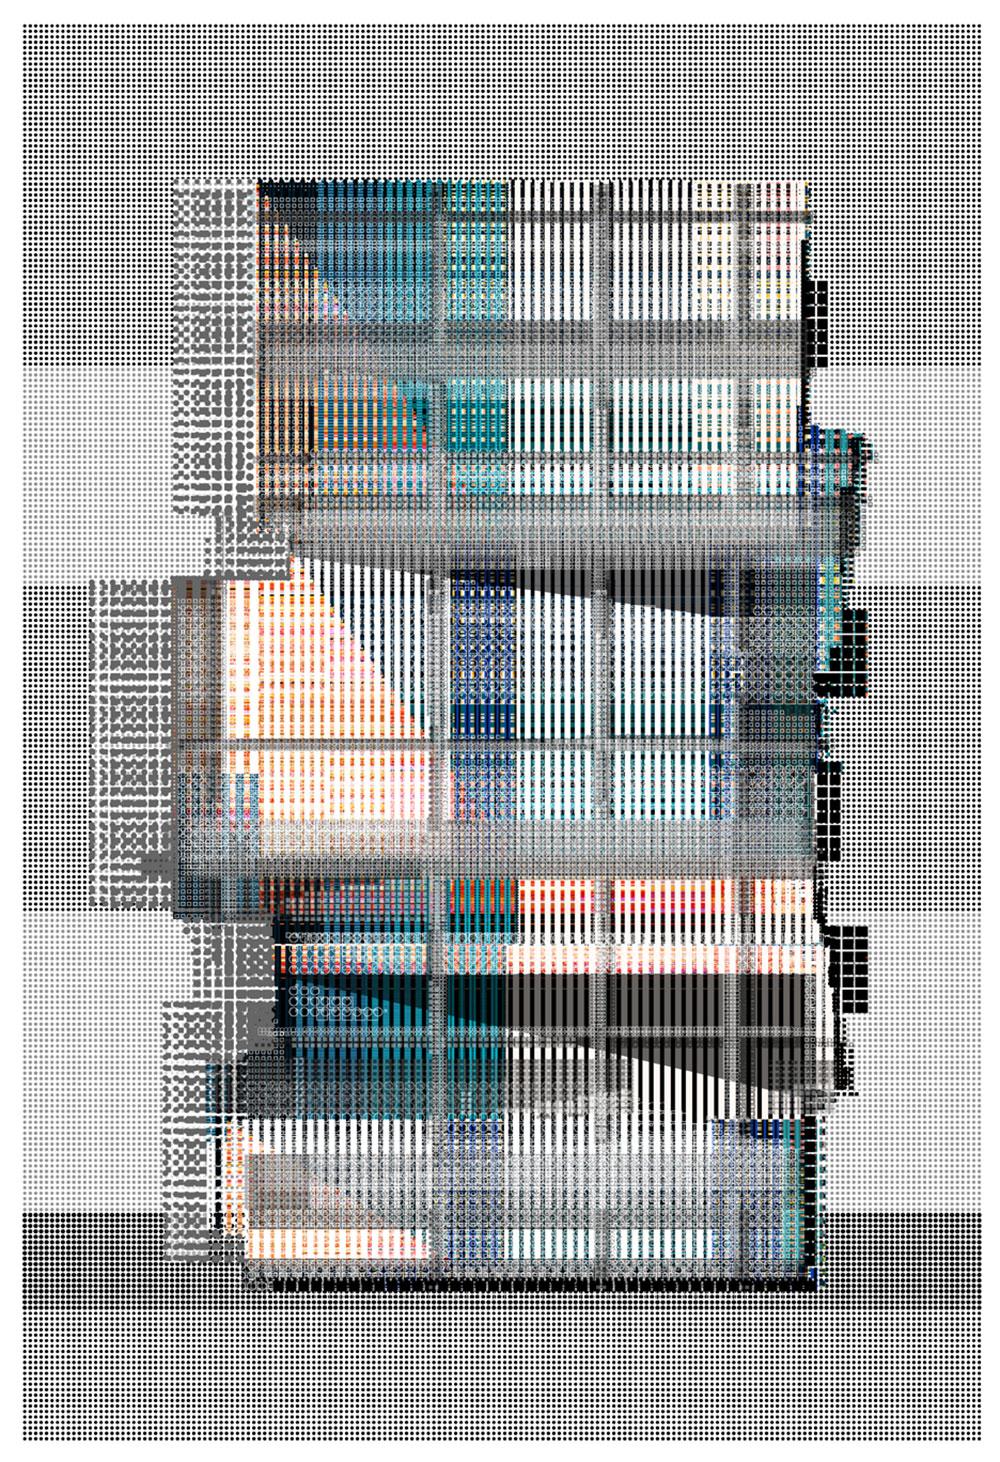 """""""Building Portrait V"""" acquis la semaine dernière par le SFMoMA pour sa collection permanente"""